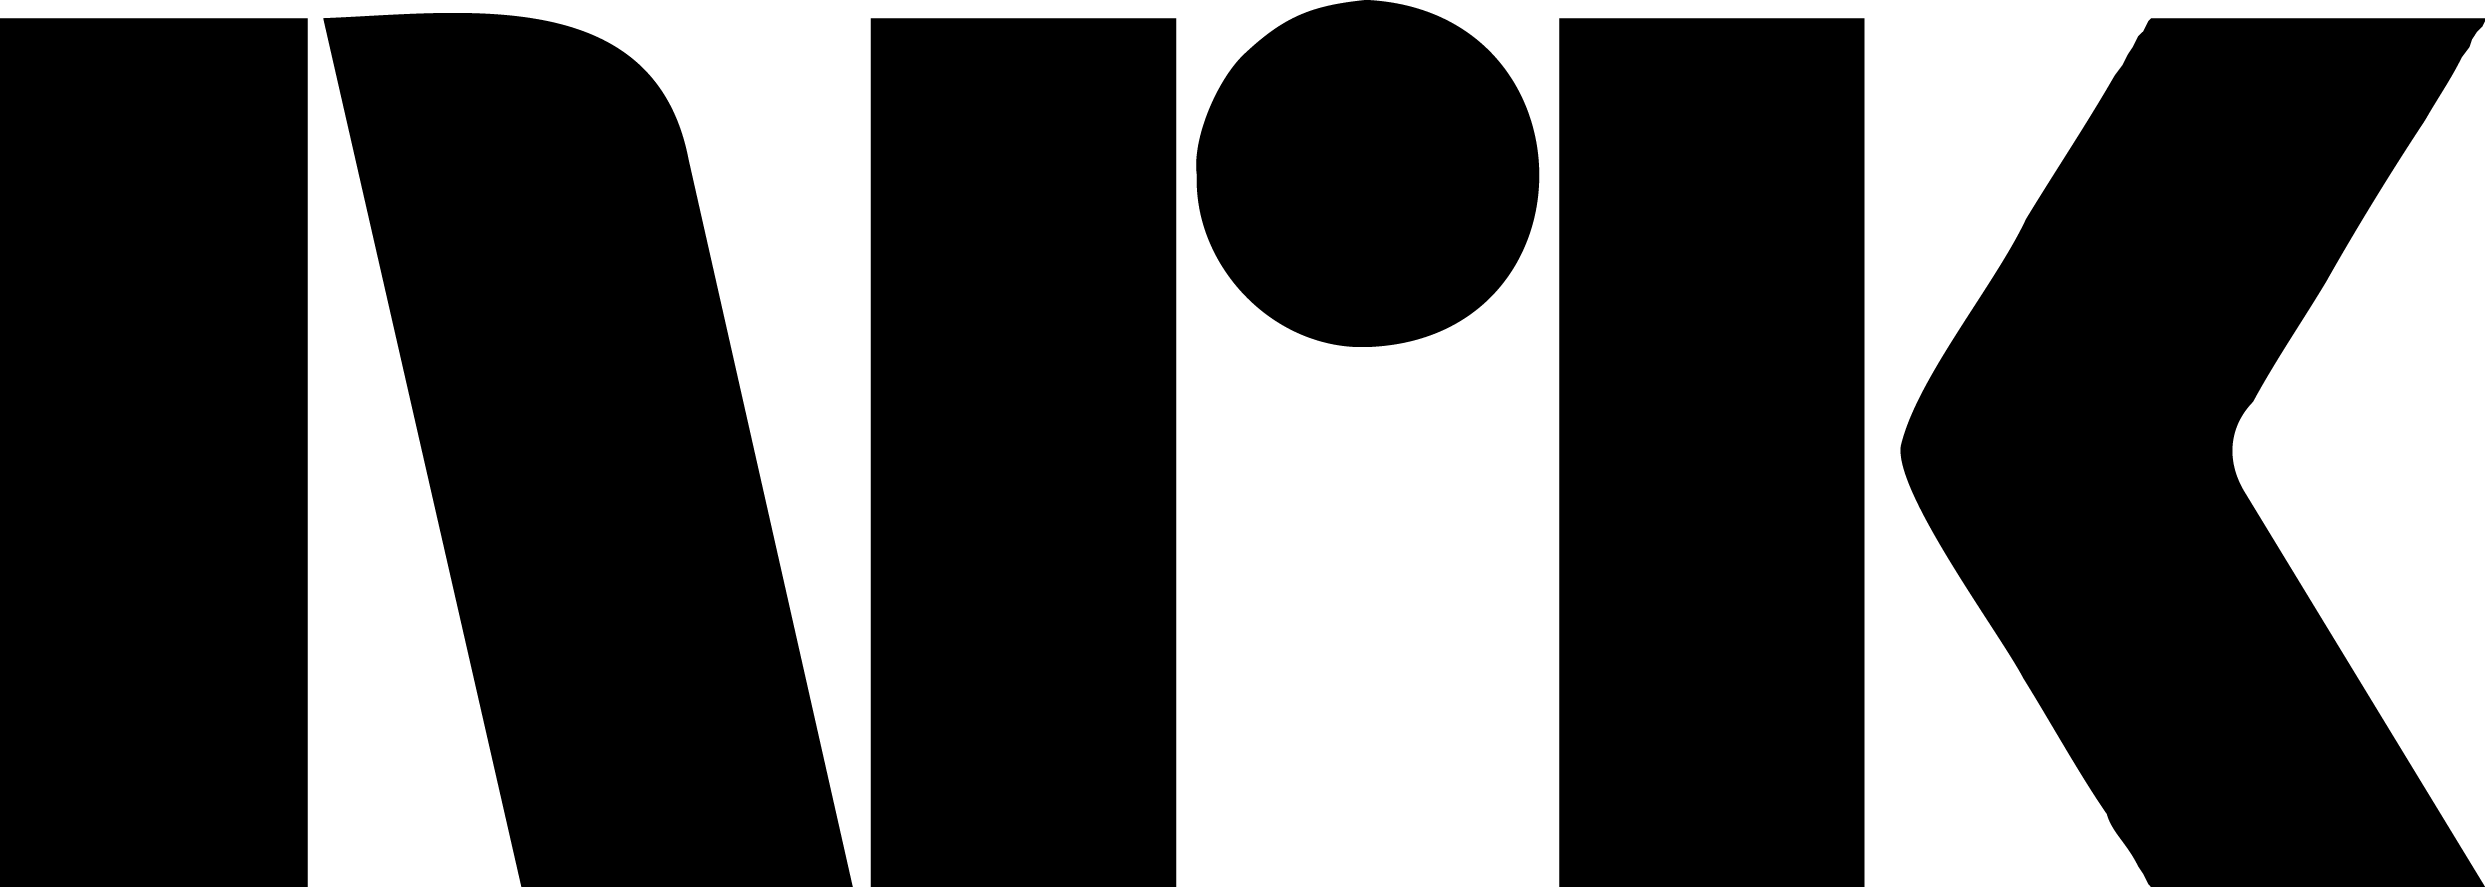 NRK_logosw